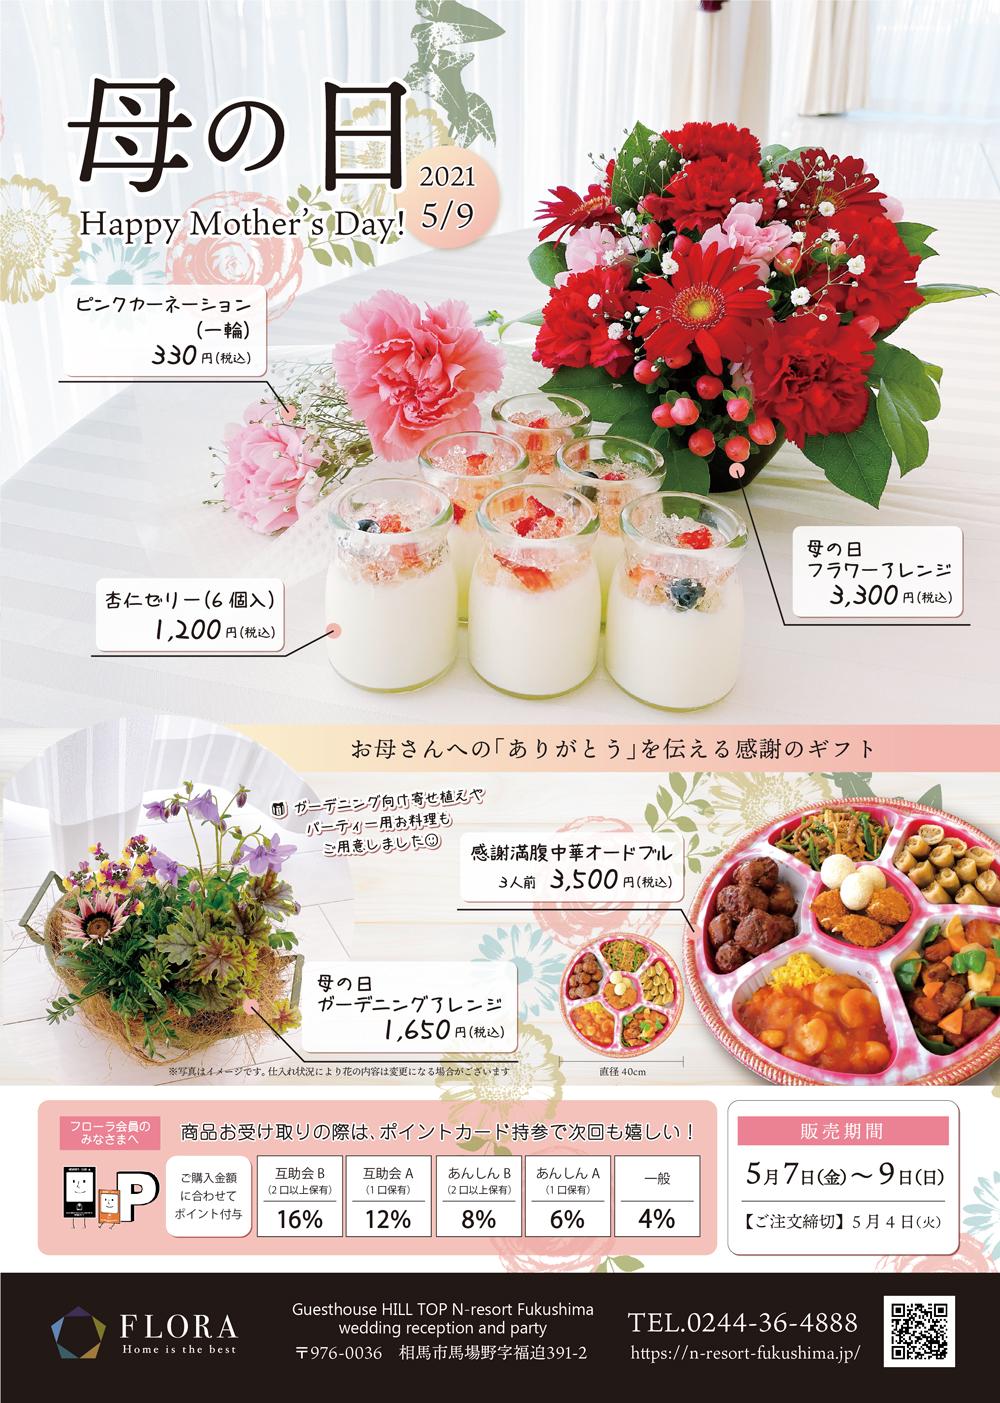 【期間限定】母の日商品 ご注文承り中【福島】